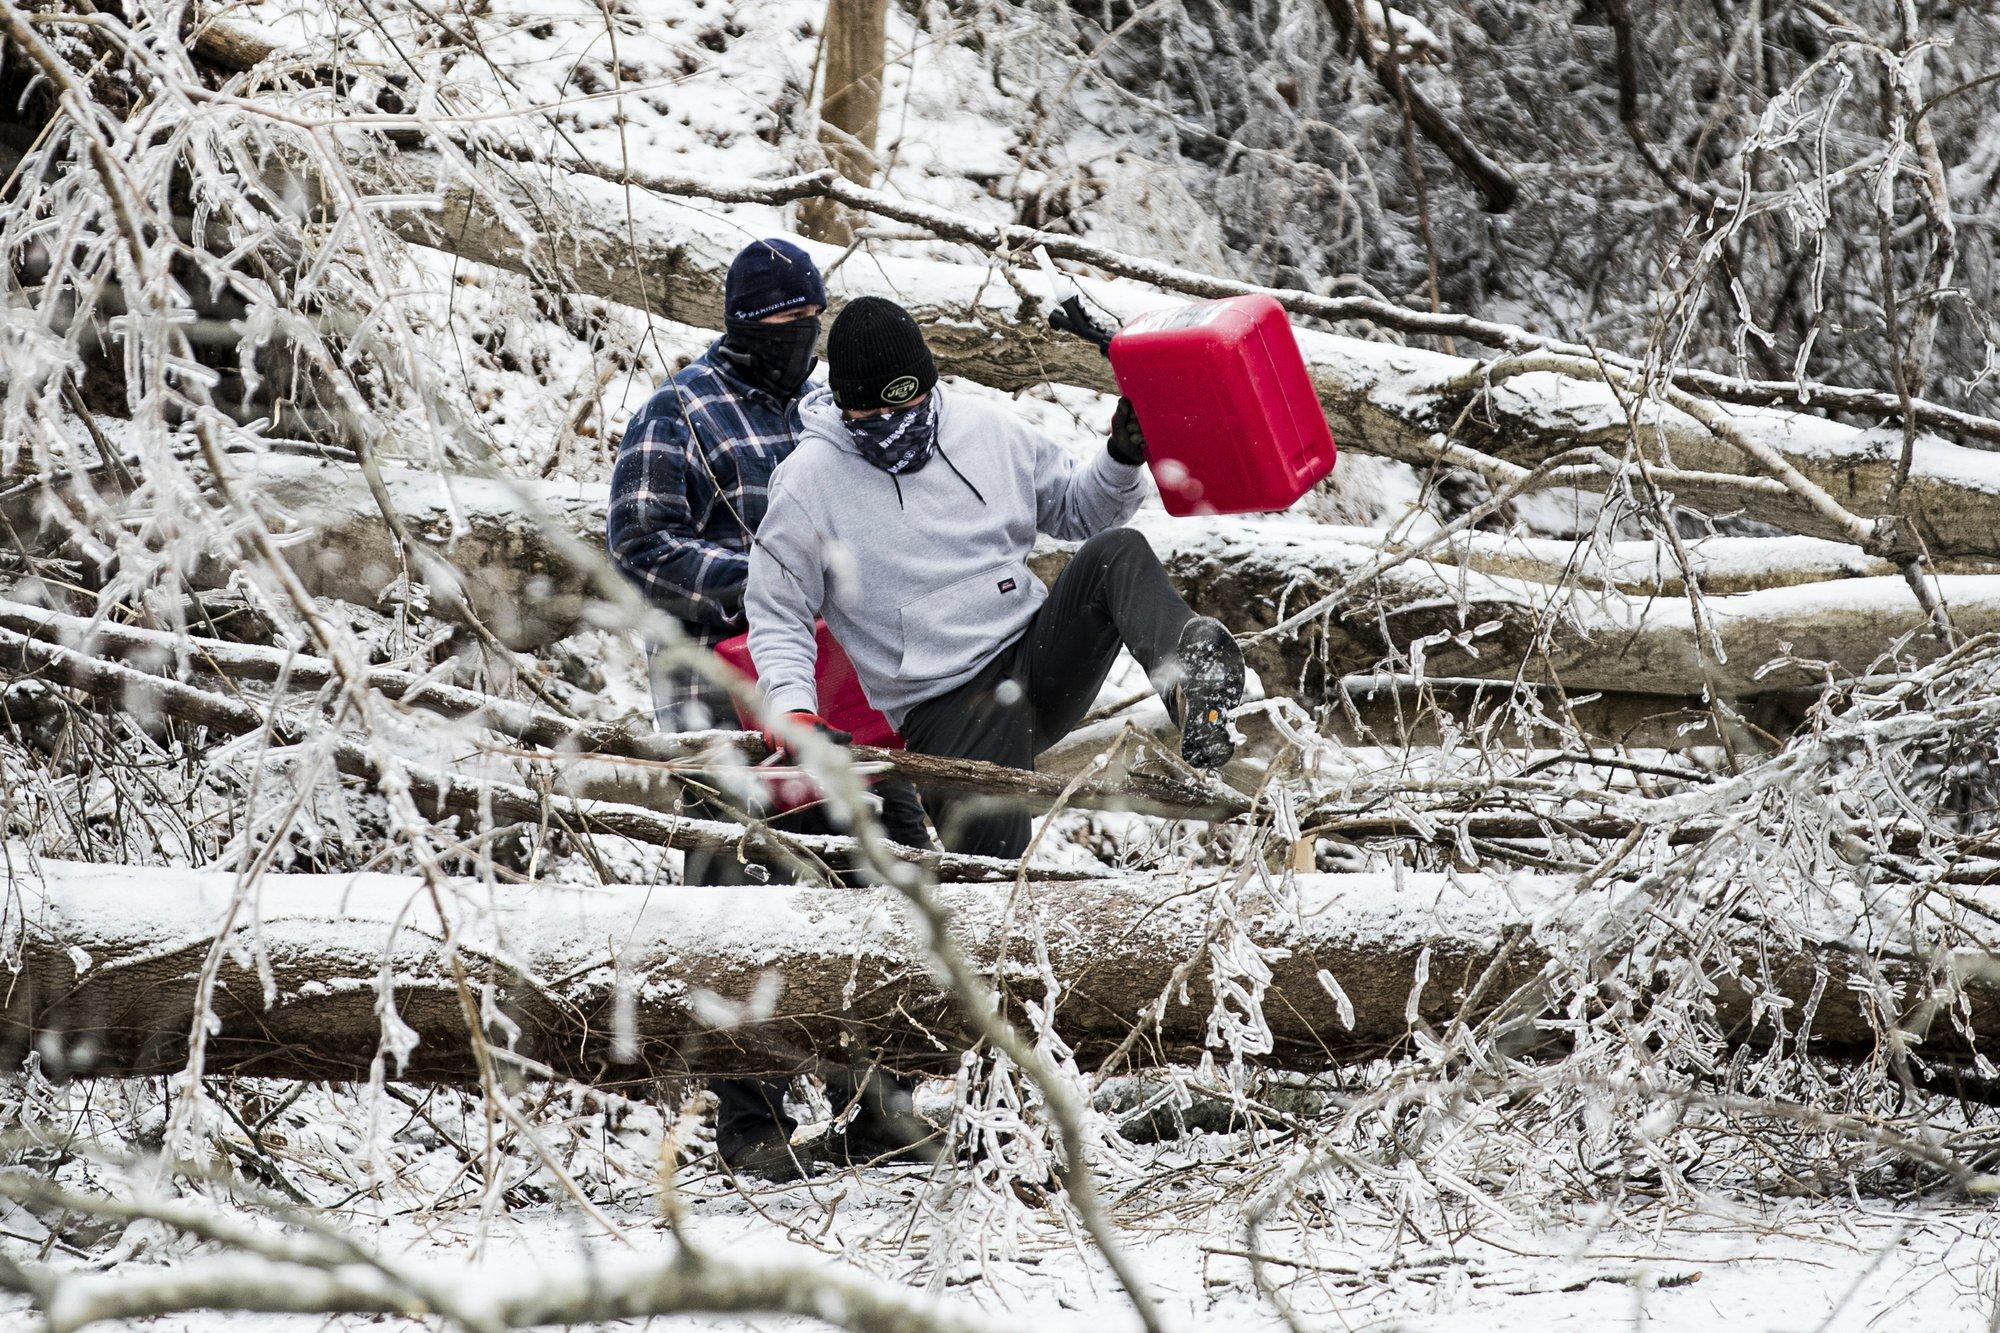 [PhotoStory] Những hình ảnh có một không hai về mùa đông khắc nghiệt trên đất Mỹ - Ảnh 19.